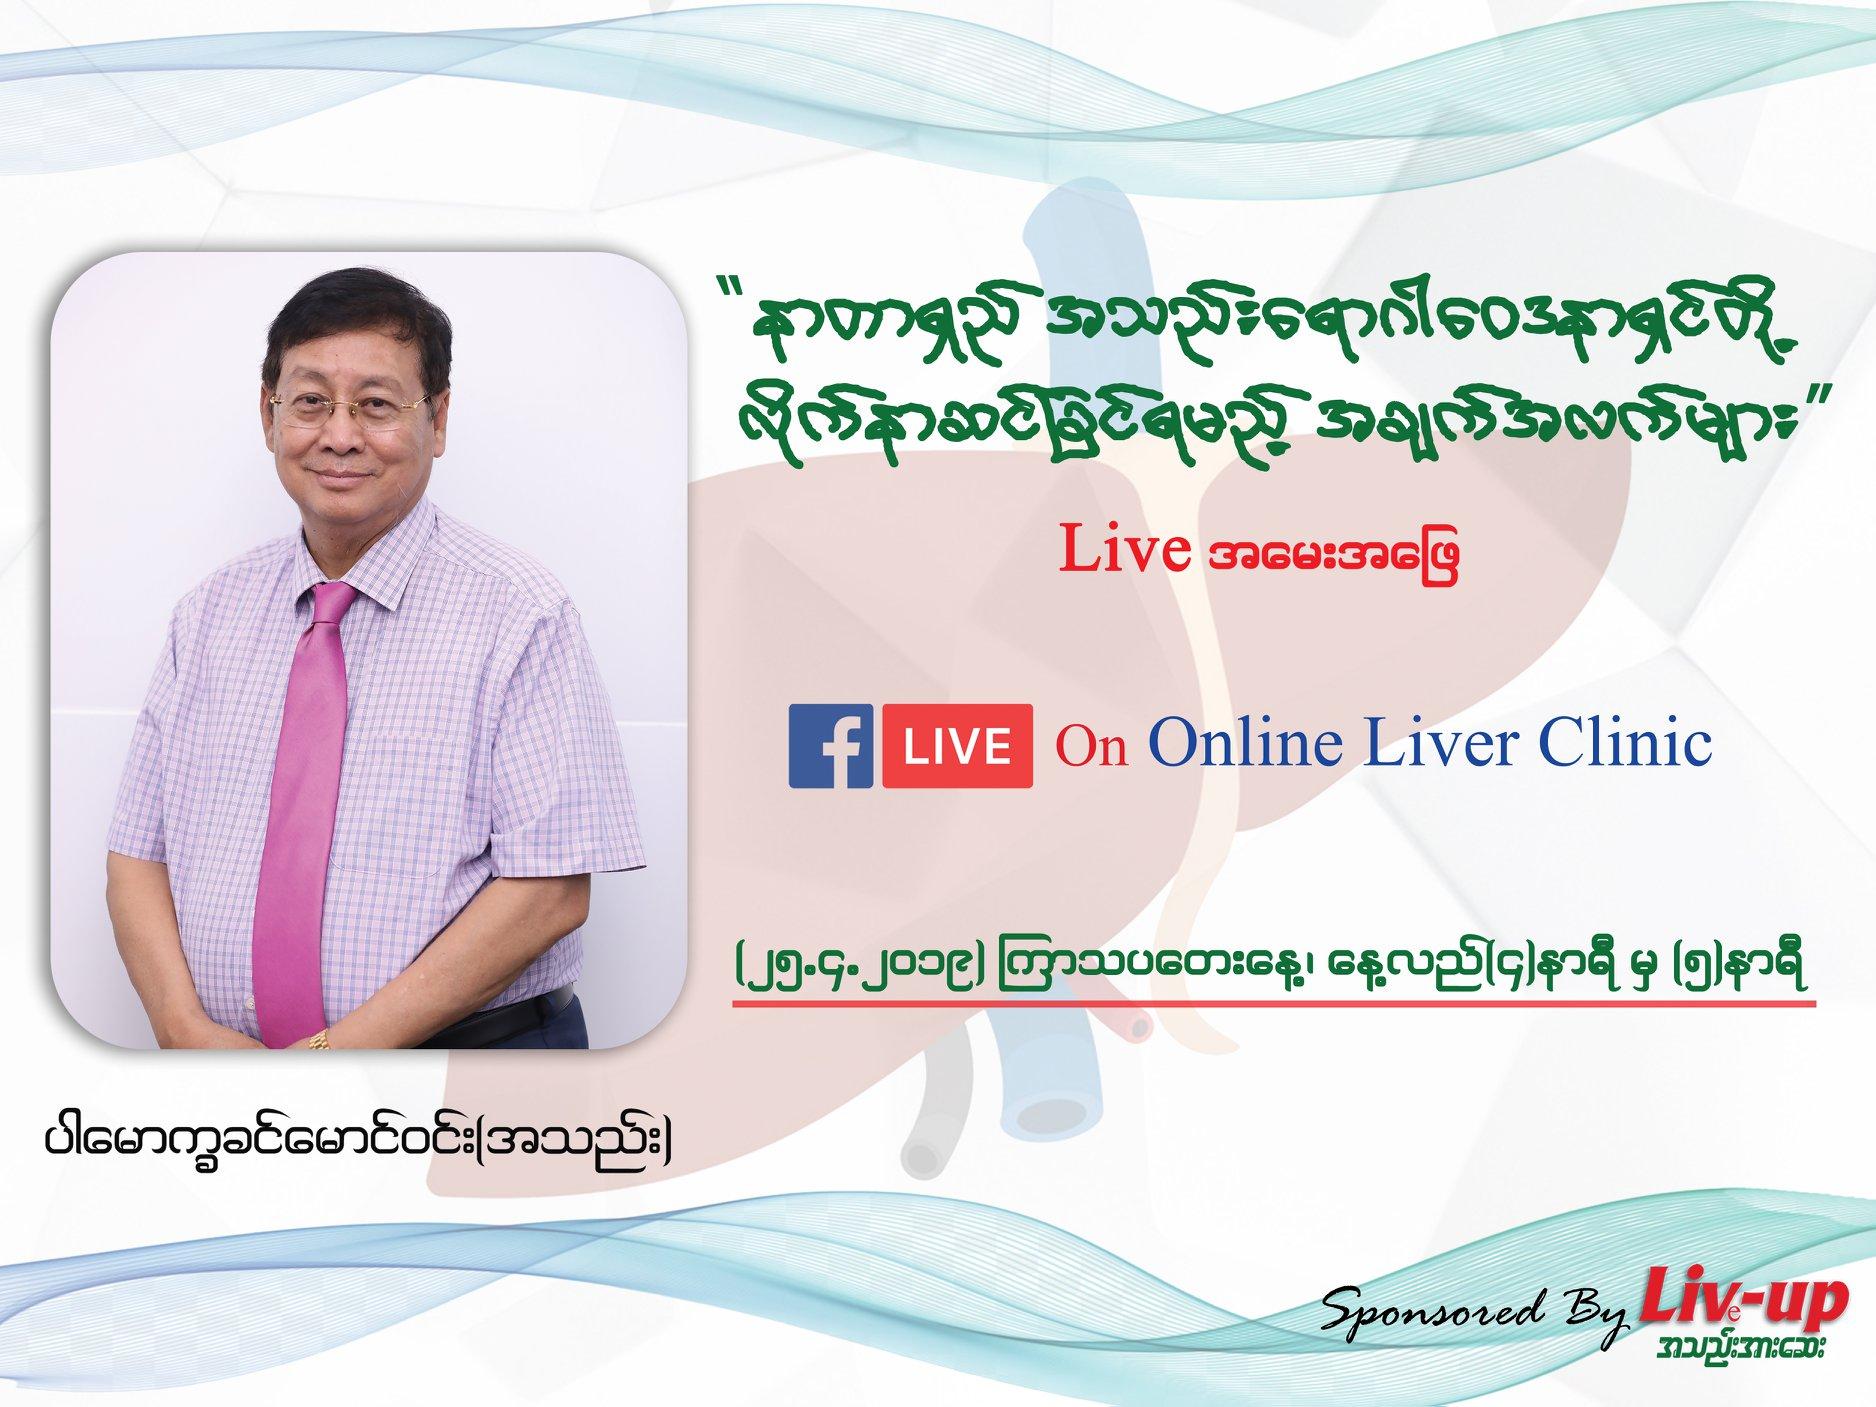 သင့္အသည္းက်န္းမာေရးအတြက္ ပါေမာကၡခင္ေမာင္ဝင္း(အသည္း)နဲ႔ Facebook Page မွတိုက္ရိုက္ Live ေမးျမန္းႏိုင္မယ့္အစီအစဥ္…